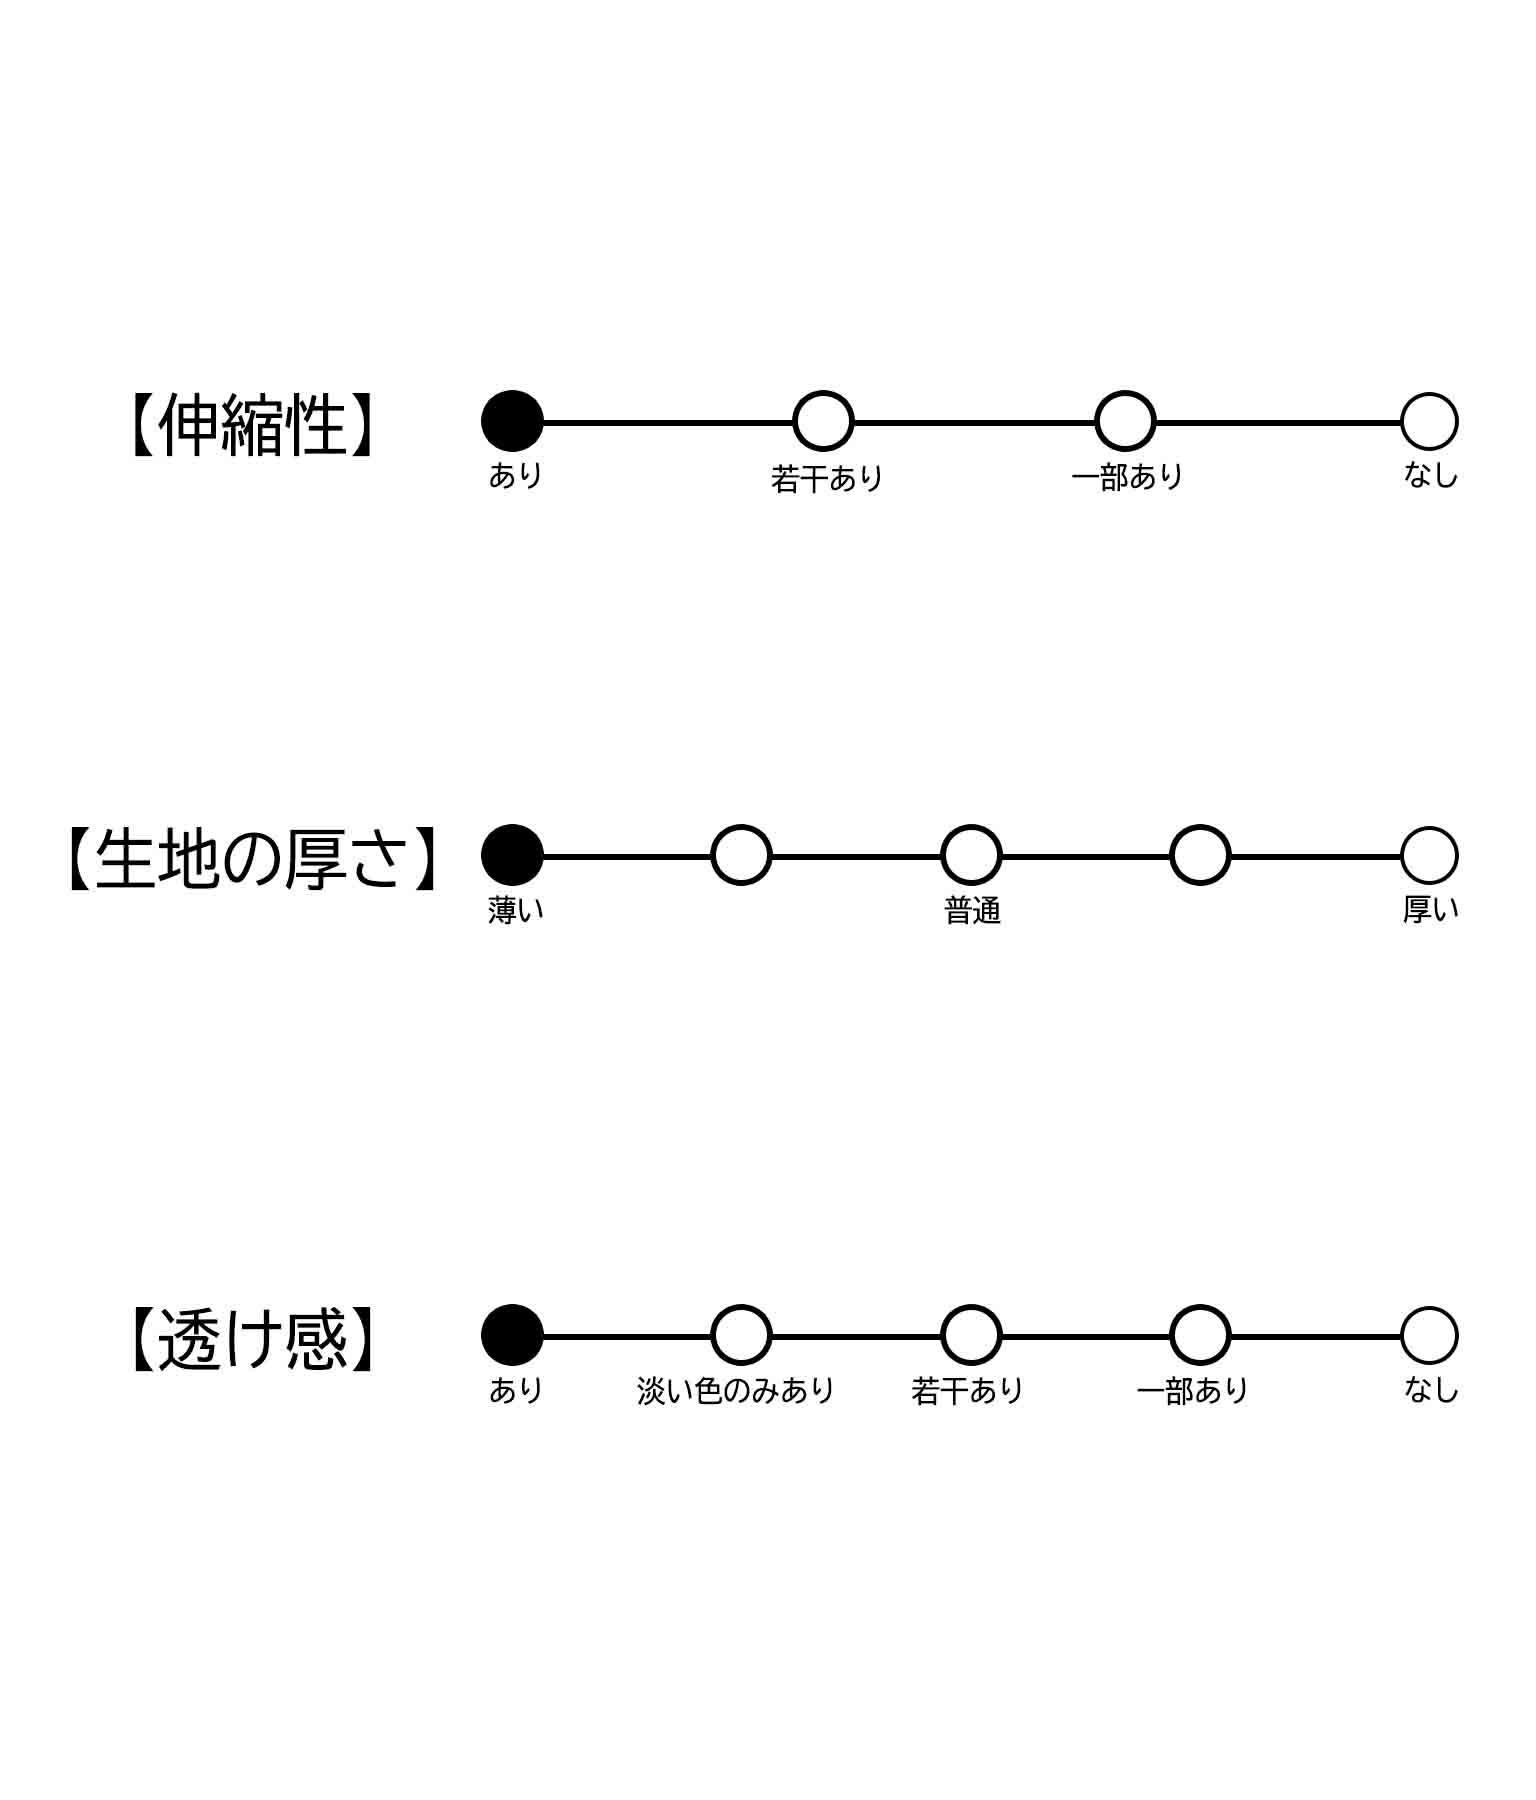 ニットソーロングカーディガン(アウター(コート・ジャケット) /カーディガン) | anap mimpi